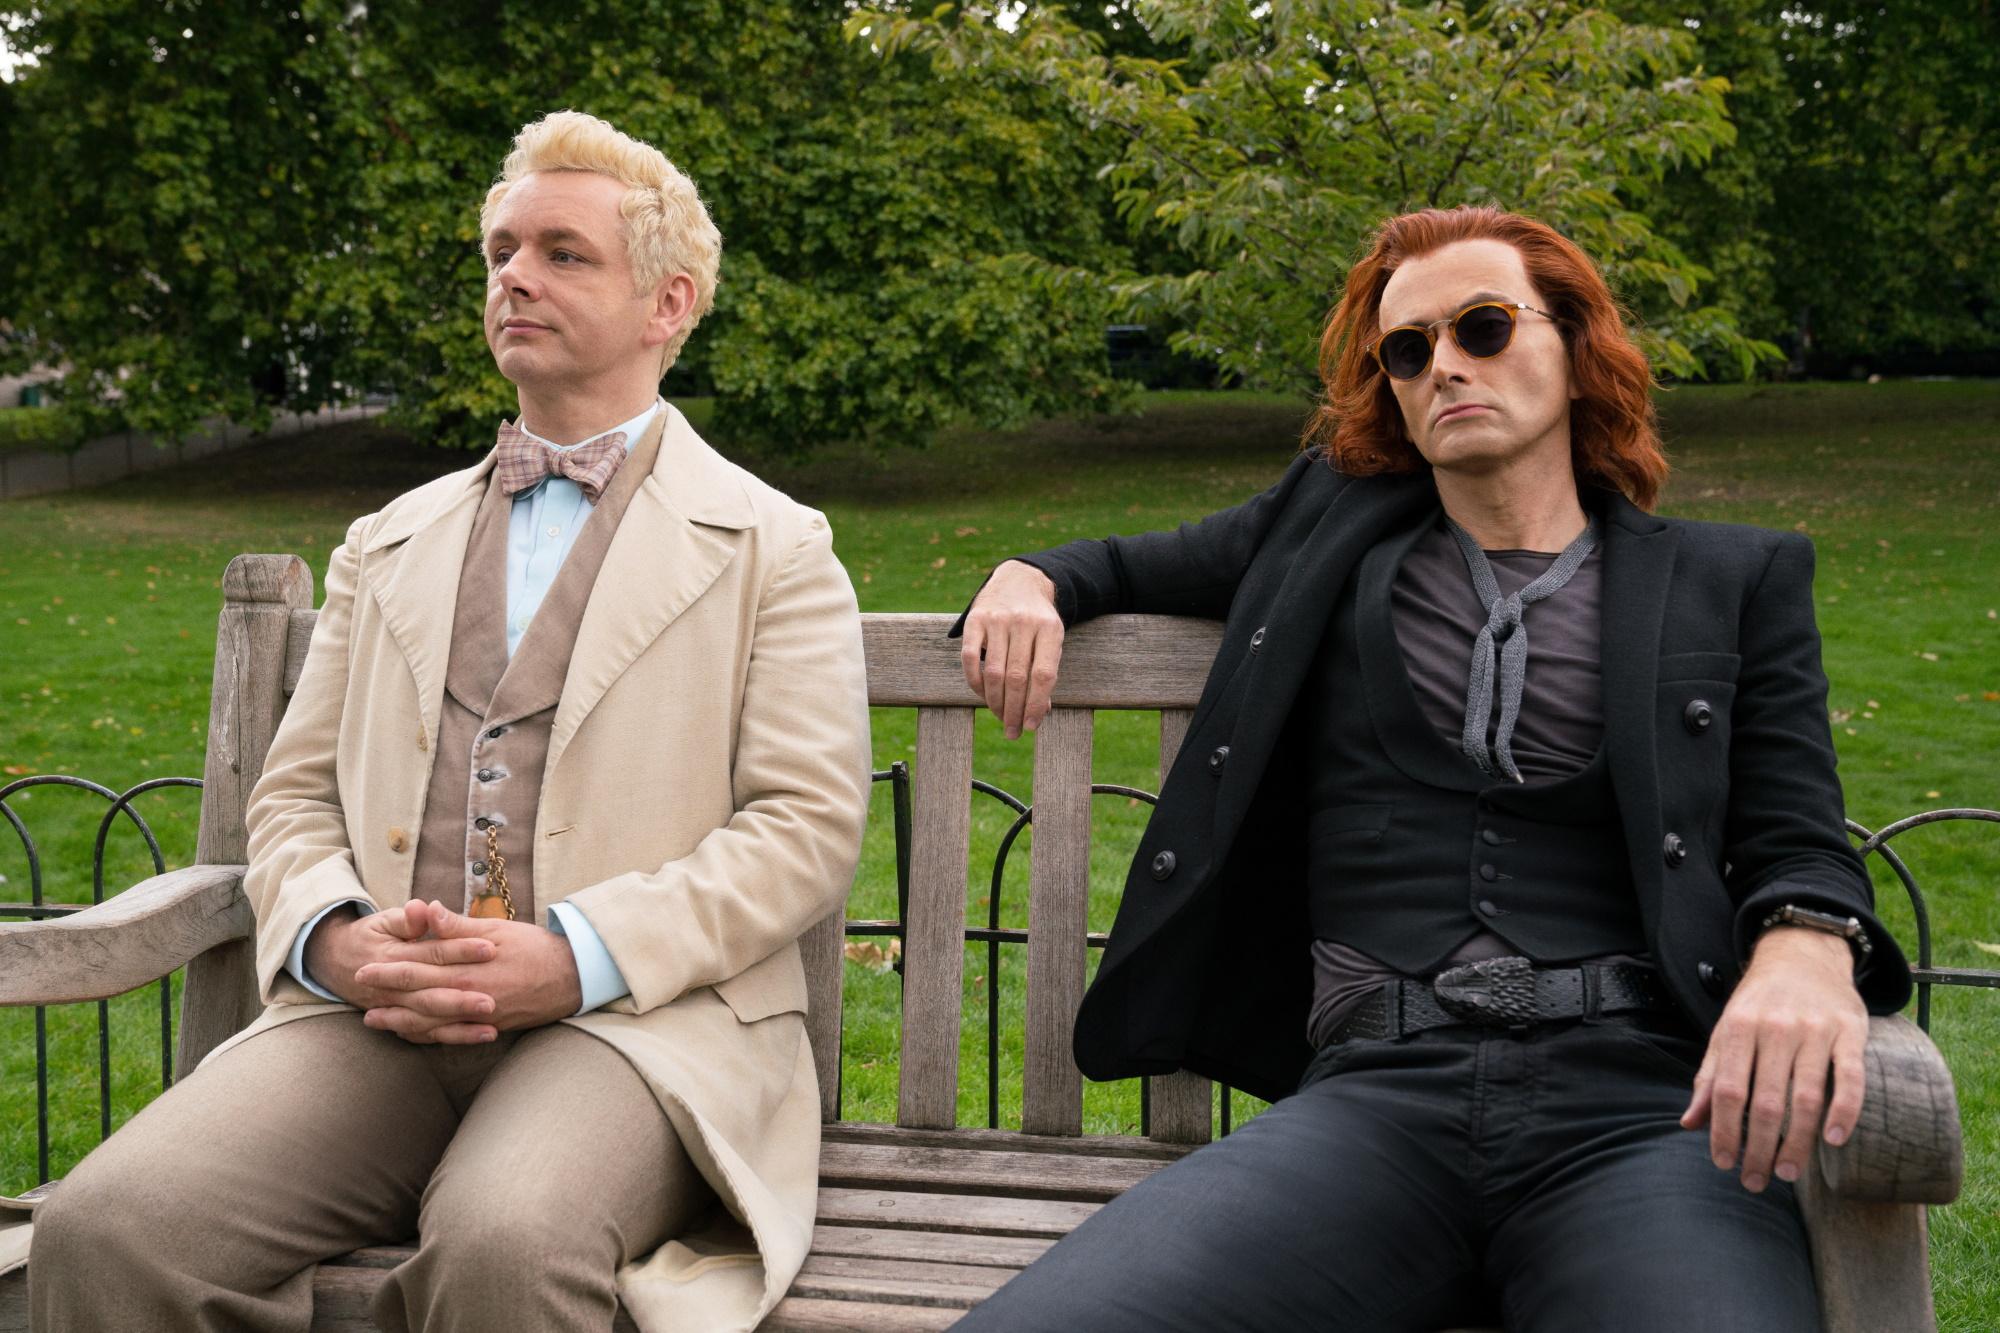 les deux personnages sont assis sur un banc